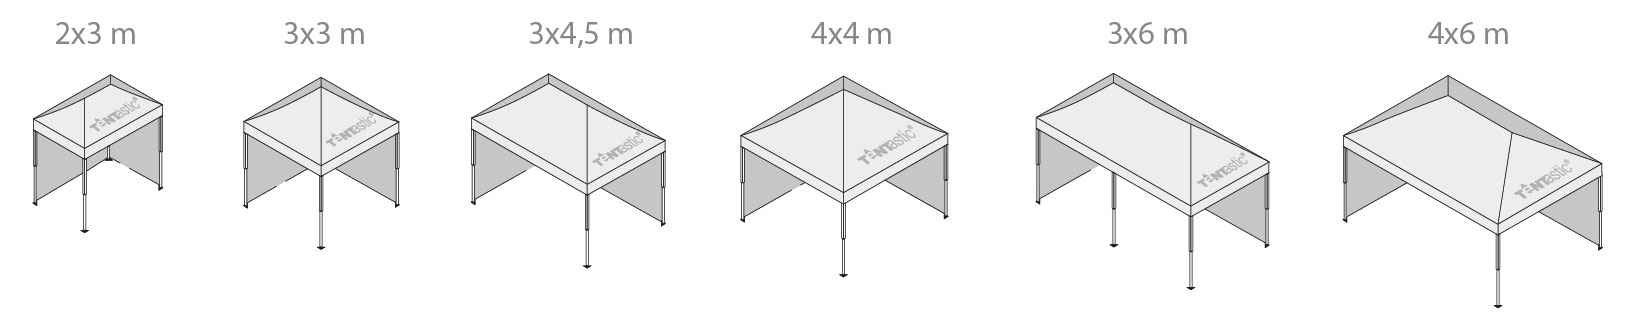 Faltpavillon-Alutent-40-Tentastic-groessen-zeichnung2